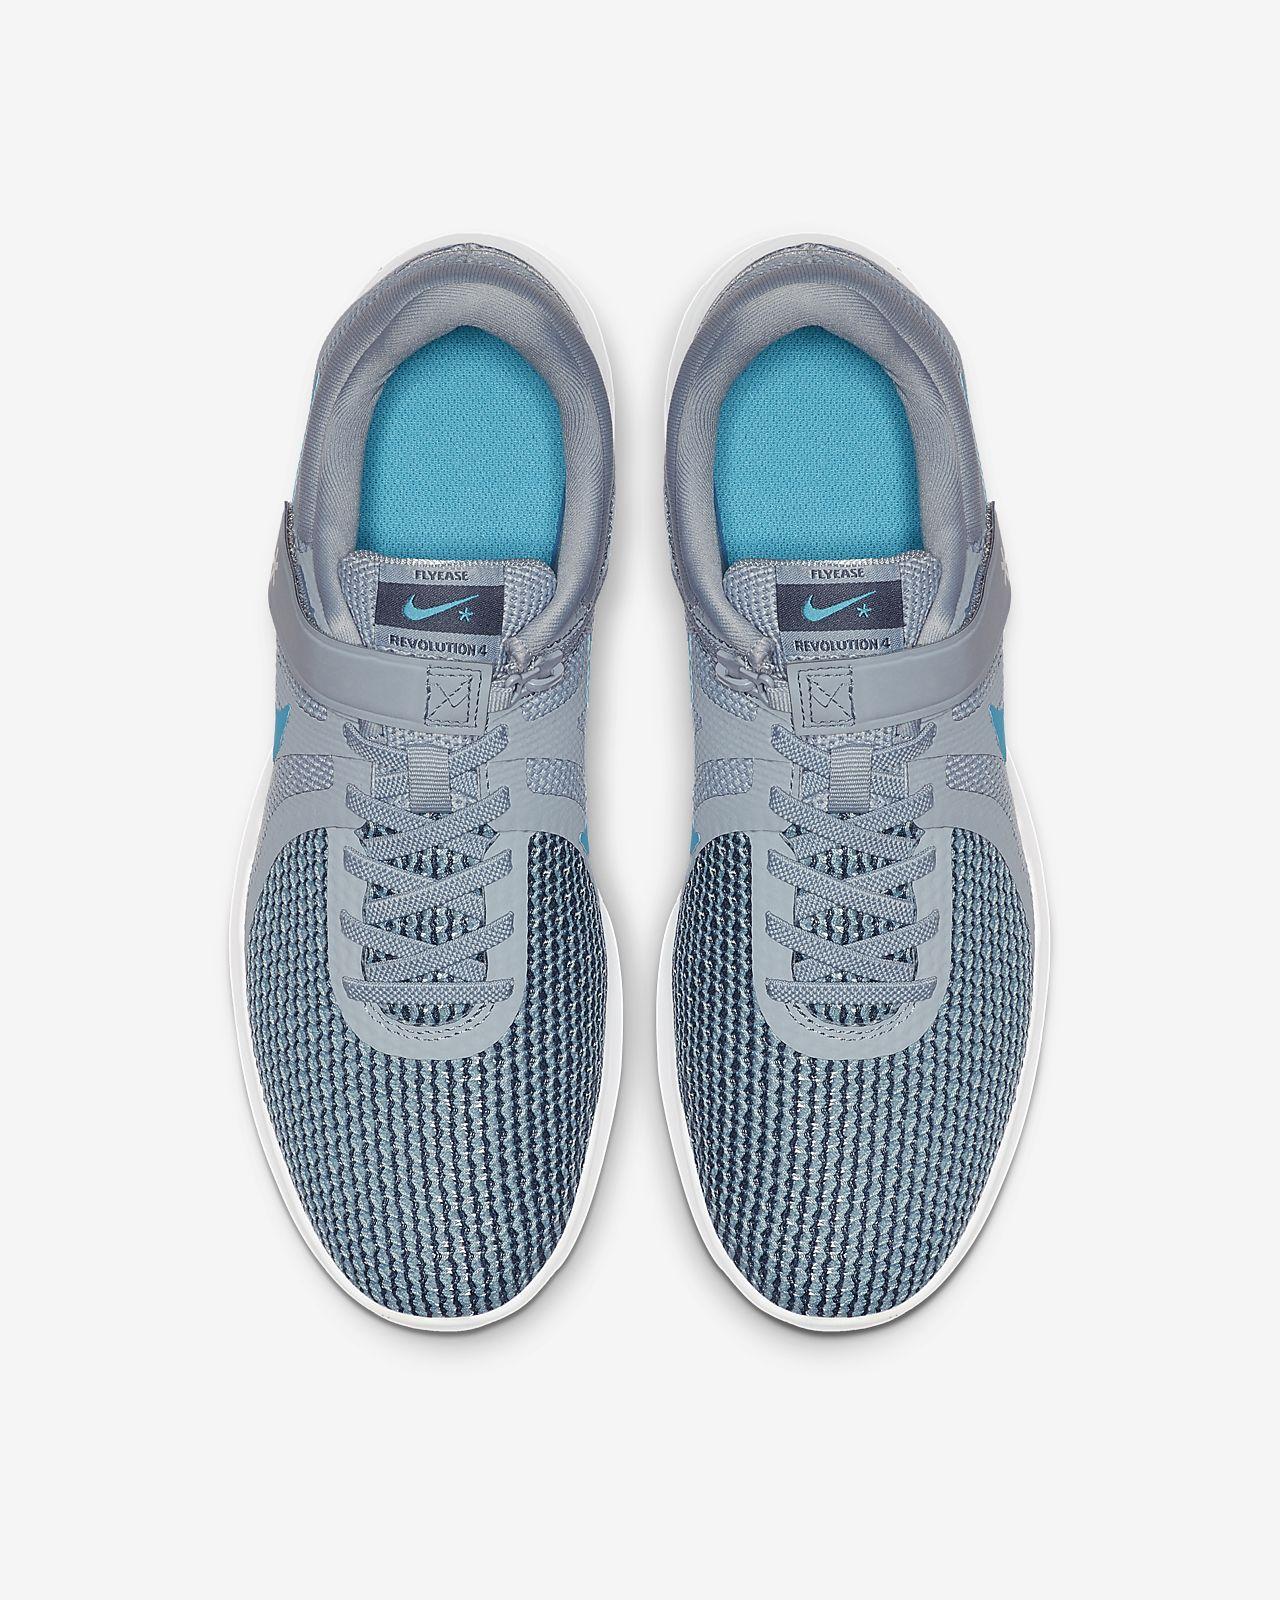 3532da558040 Nike Revolution 4 FlyEase Men s Running Shoe. Nike.com